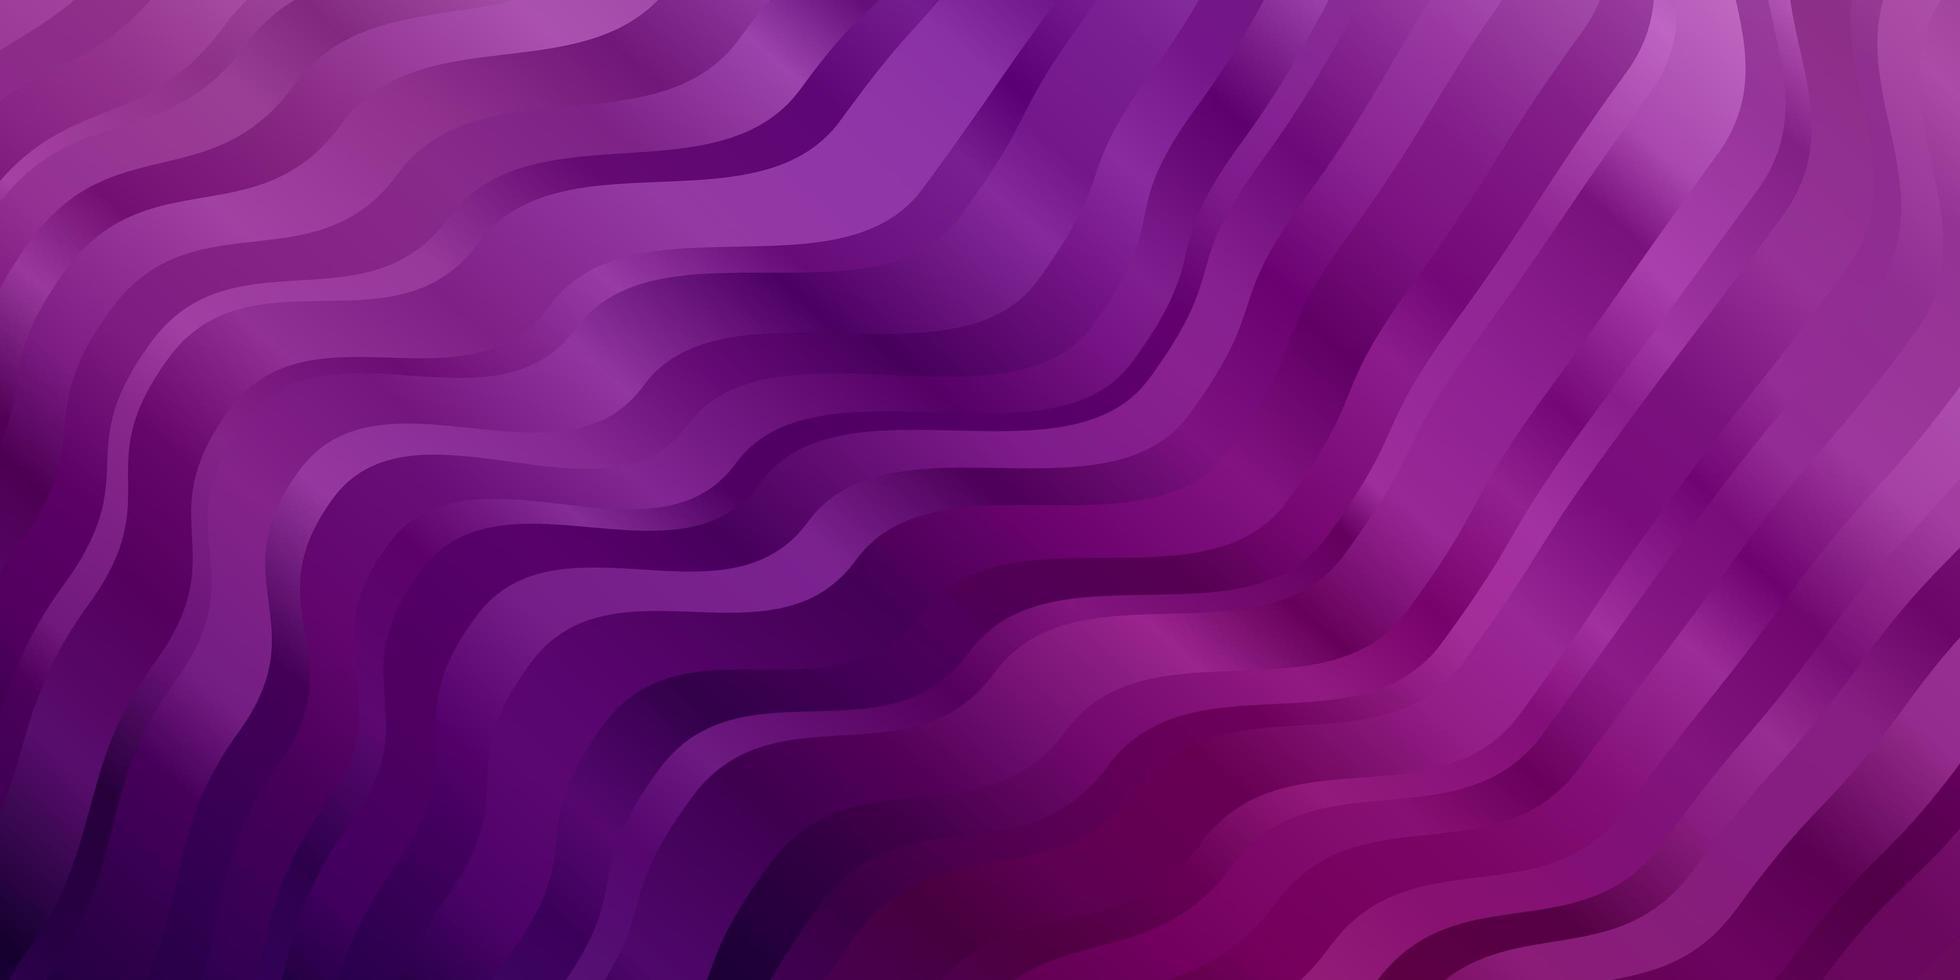 modello viola e rosa con linee. vettore